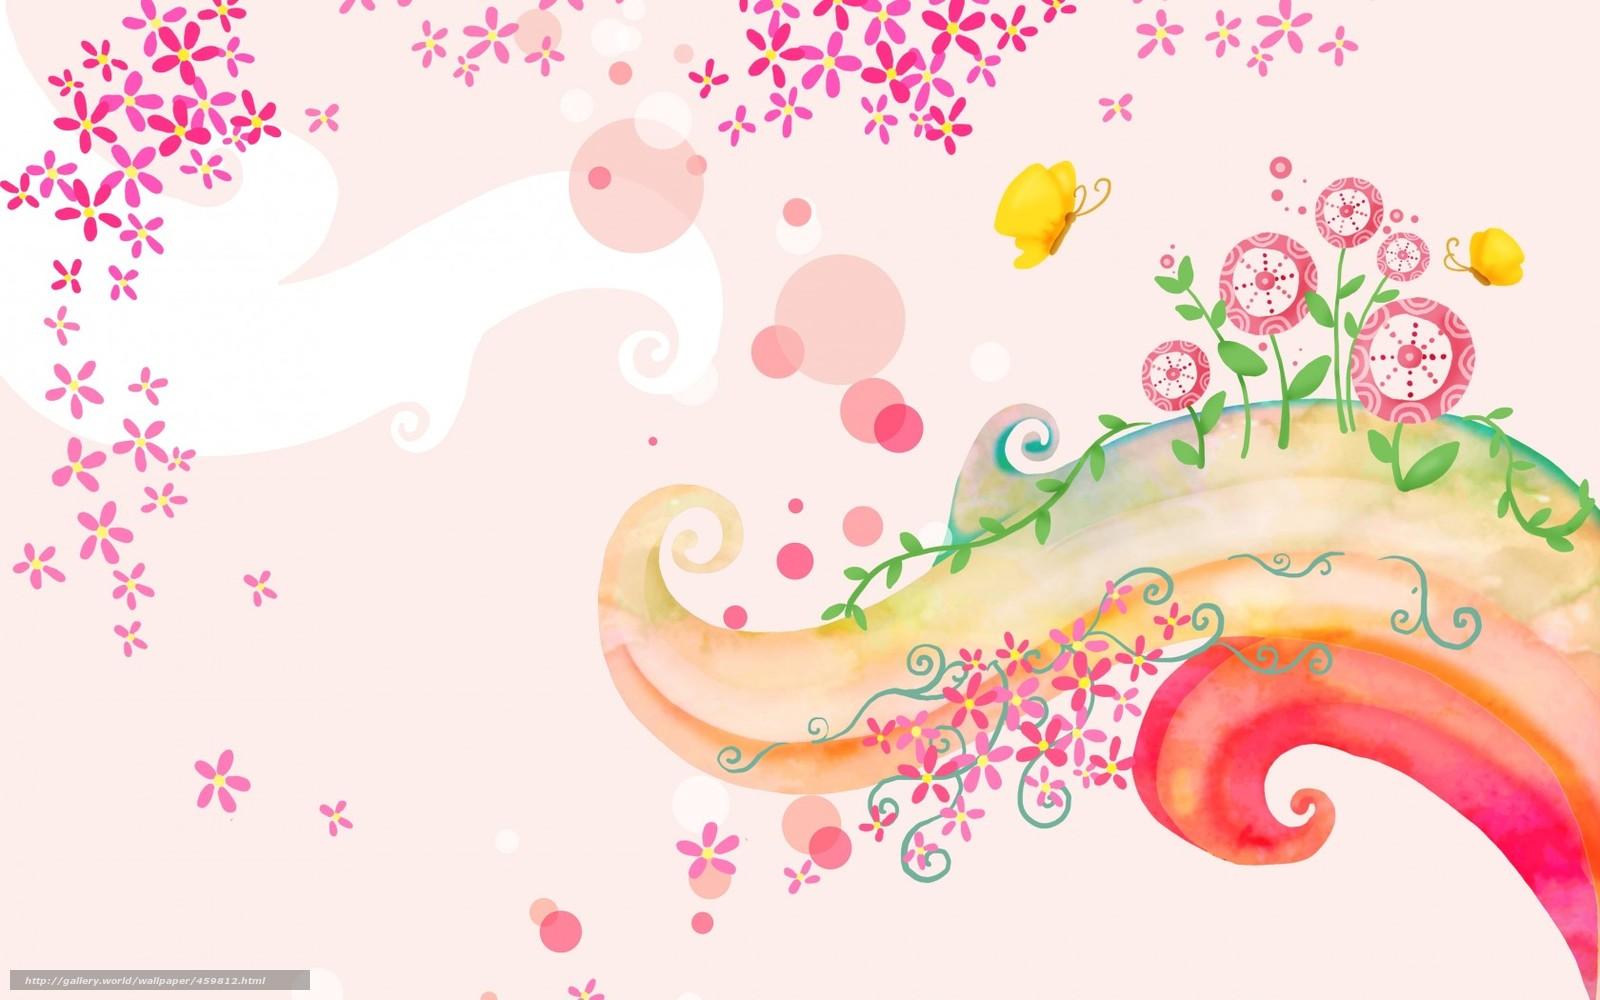 descargar gratis fondos de pantalla de los nios rizo mariposa flores fondos de escritorio en la resolucin x u imagen